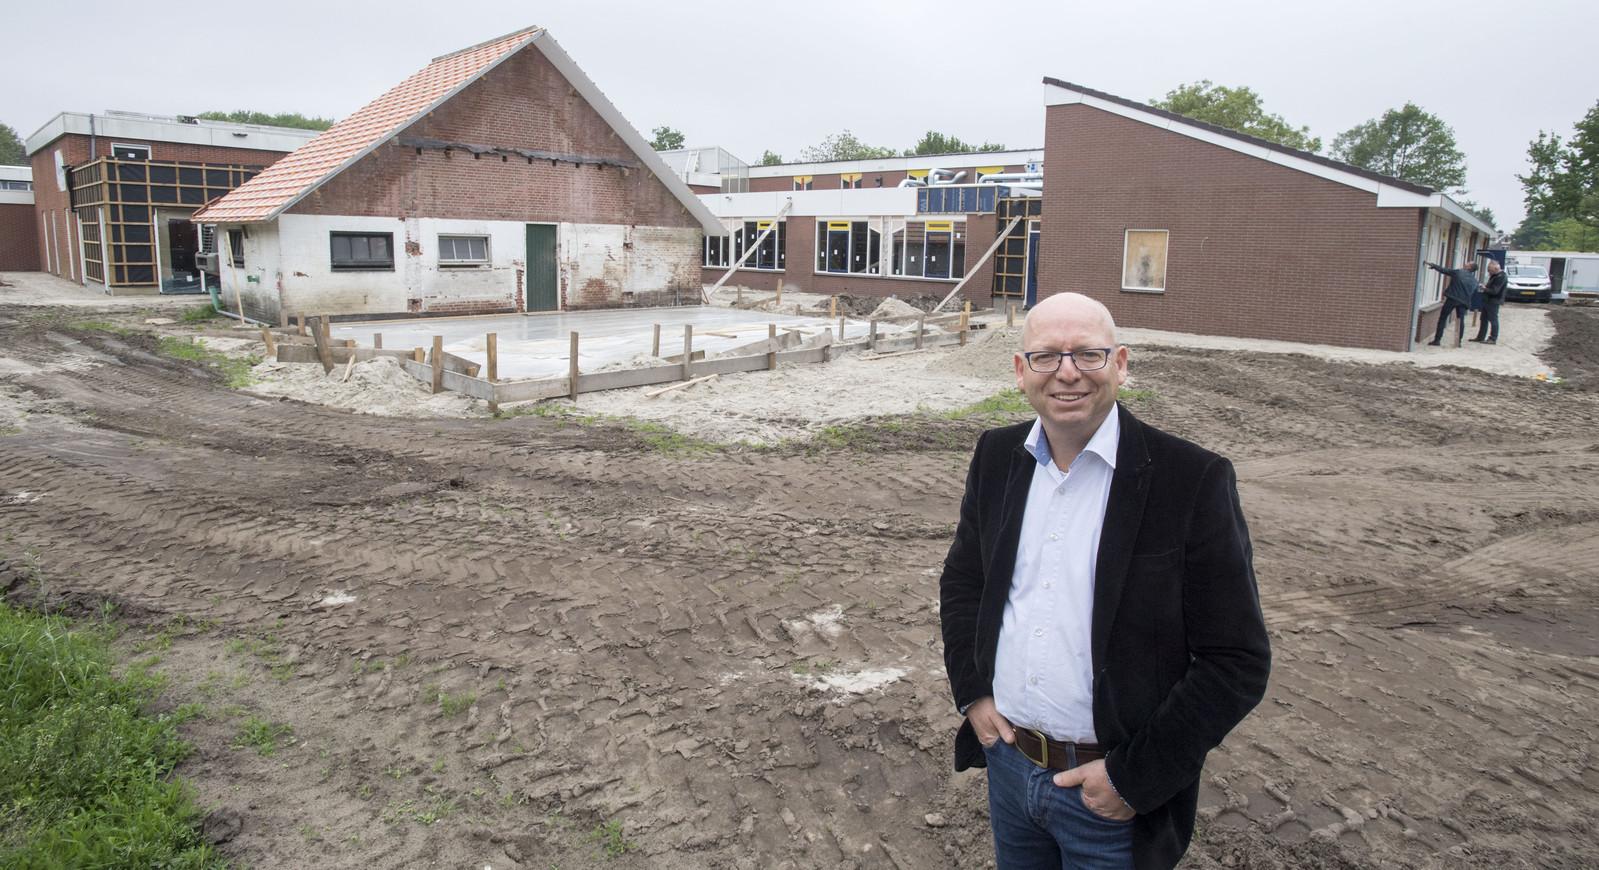 Directeur Jan-Willem Stegeman bij De Welle waar nog hard gewerkt wordt.